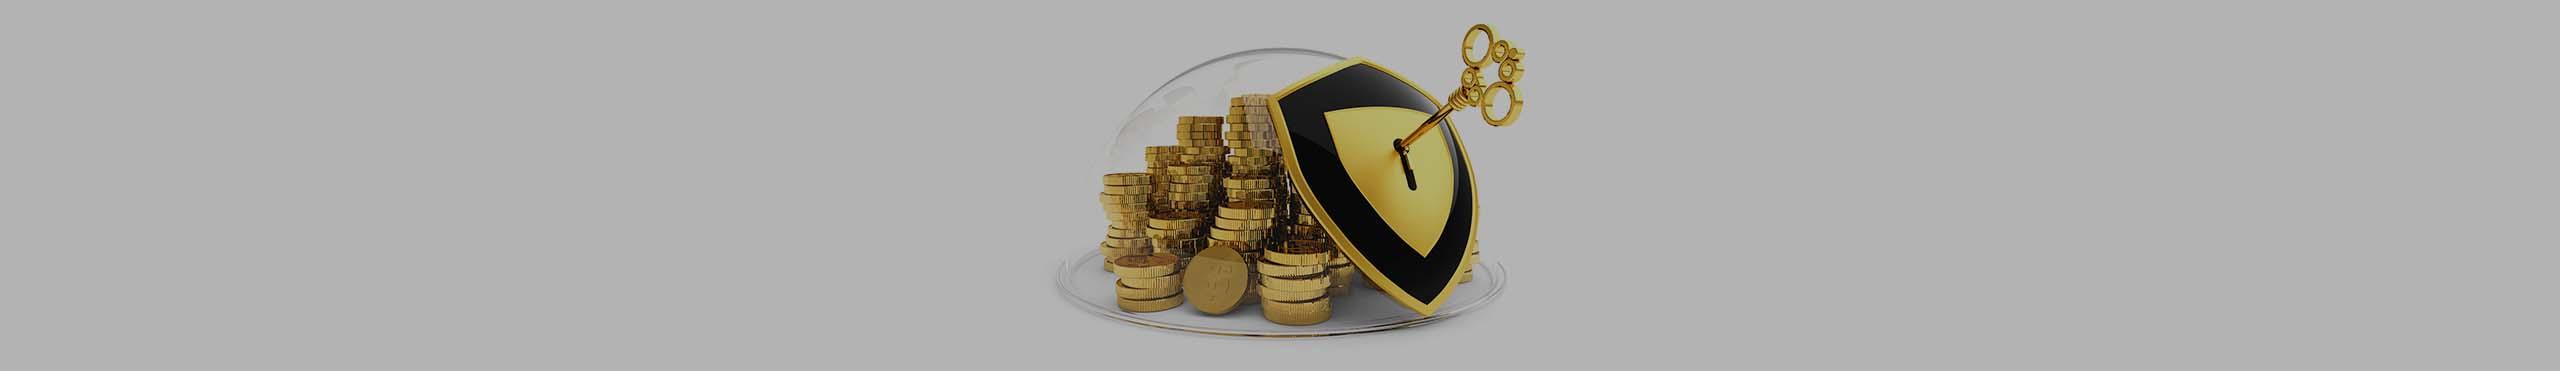 Comment protéger ses placements contre l'inflation ?